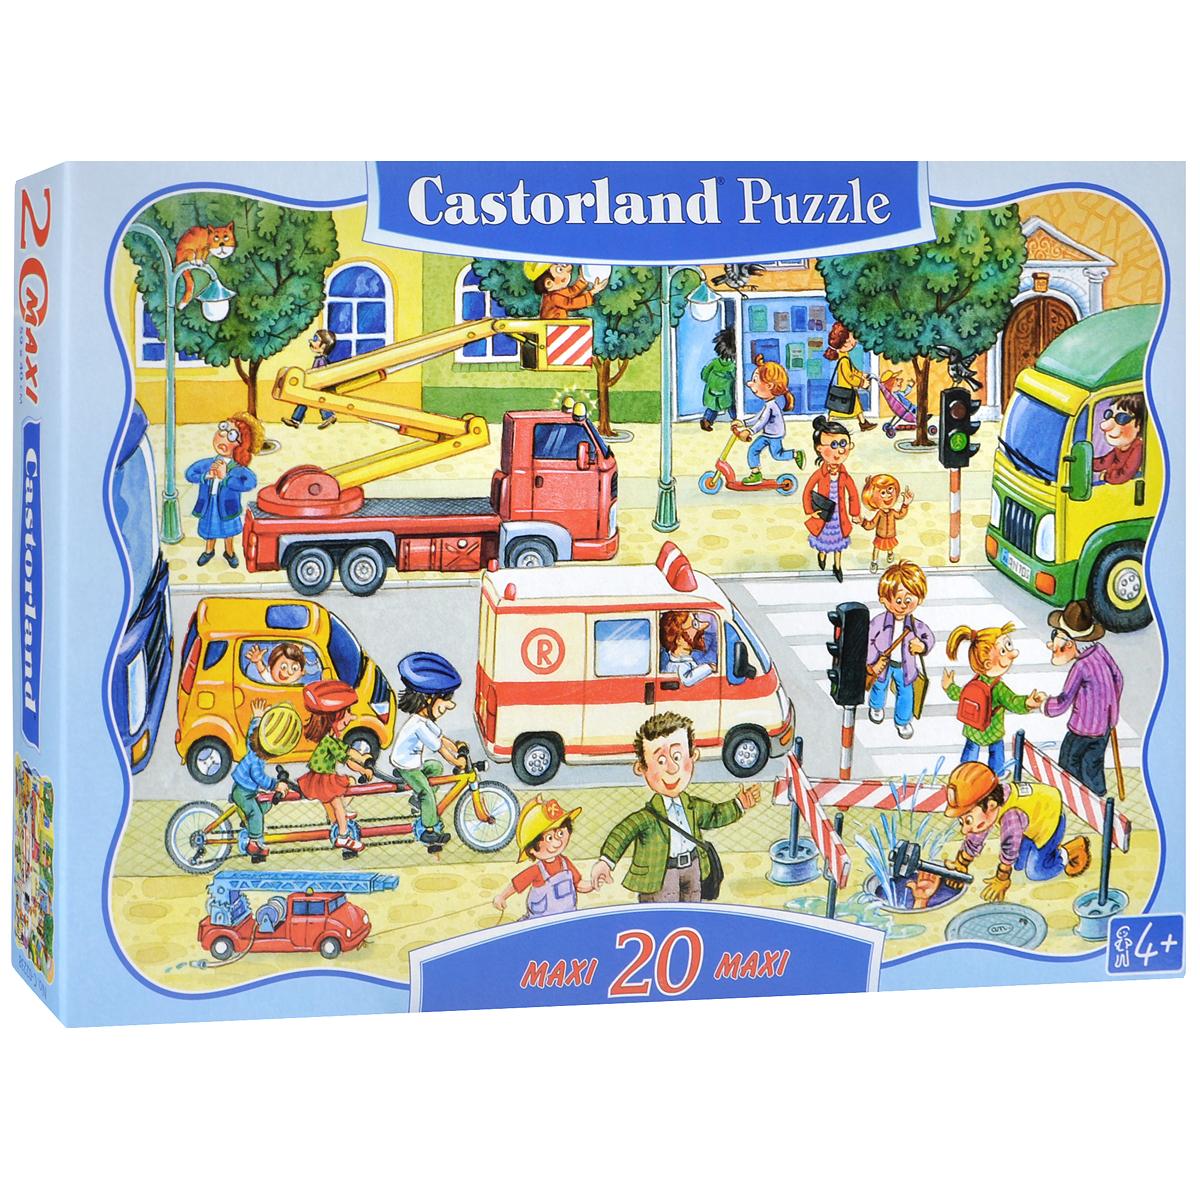 Купить Castorland Пазл для малышей Город, Castorland Puzzle, Обучение и развитие